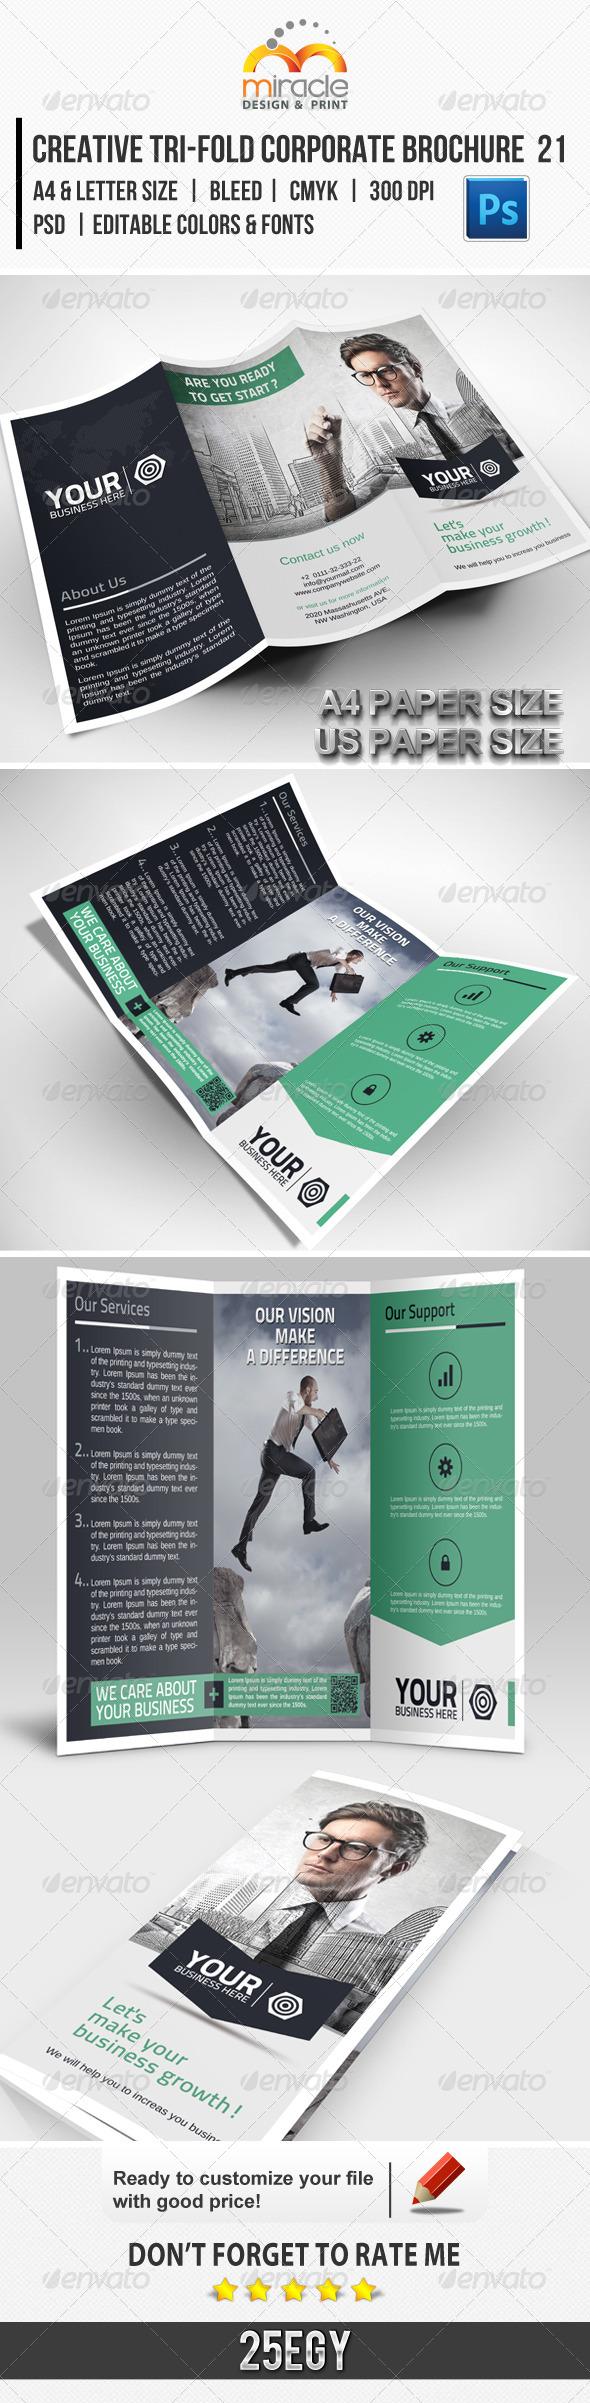 GraphicRiver Creative Tri-Fold Corporate Brochure 21 5882589